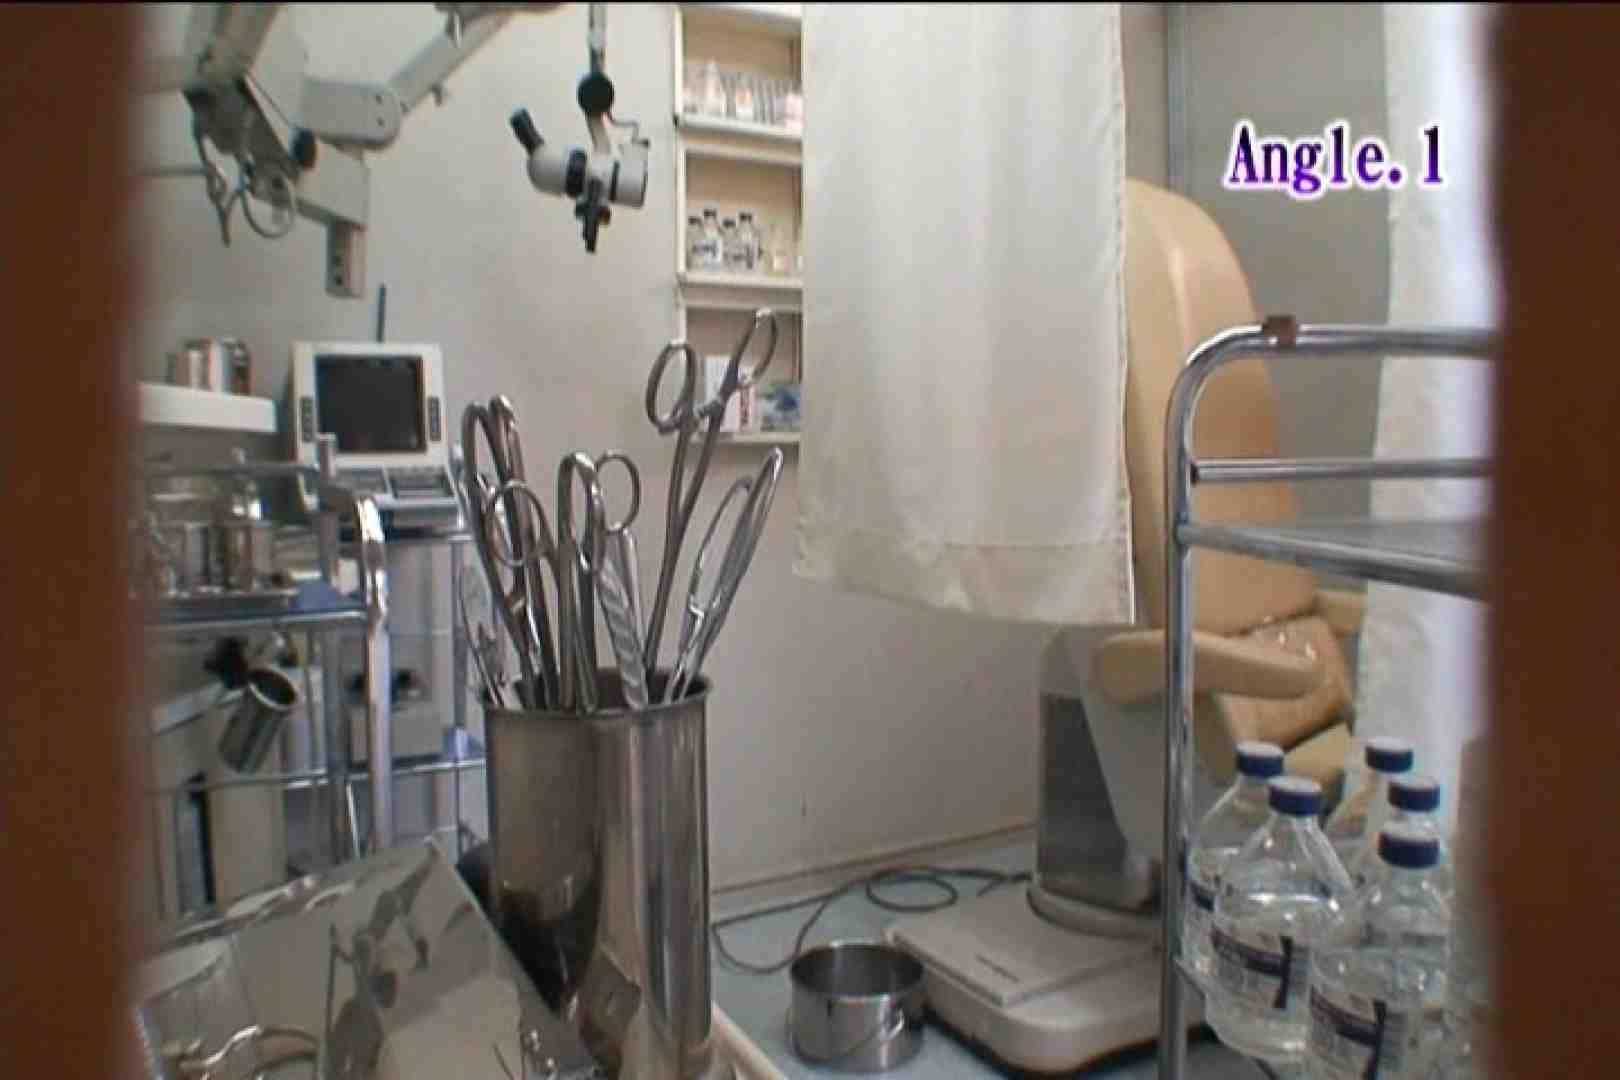 患者のおまんこをコレクションする変態医師の流出映像Vol.1 おまんこ無修正  47pic 22